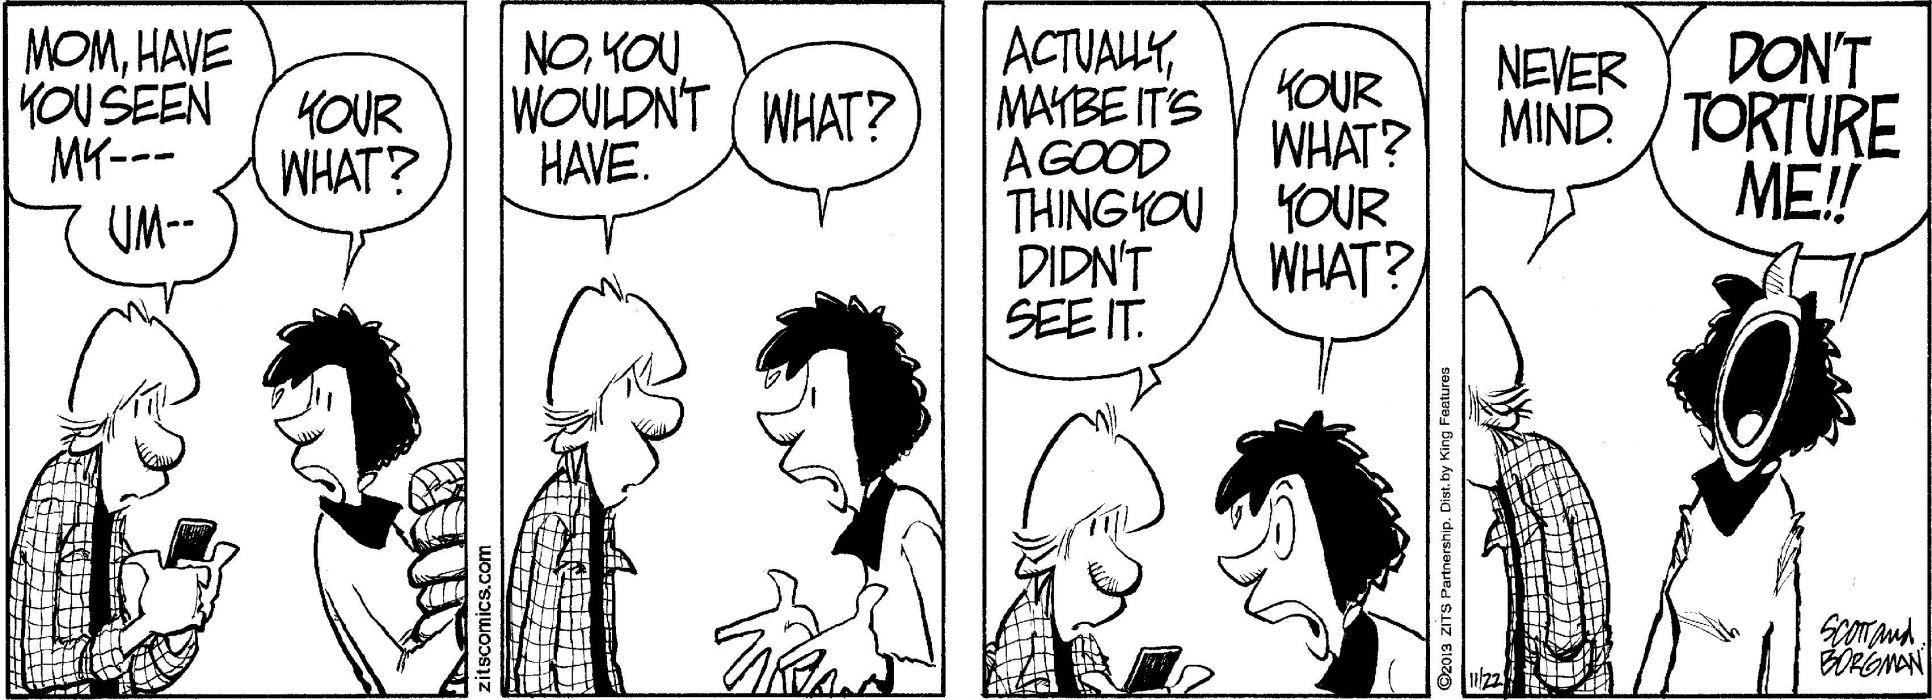 ZITS comicstrip humor funny (53) wallpaper